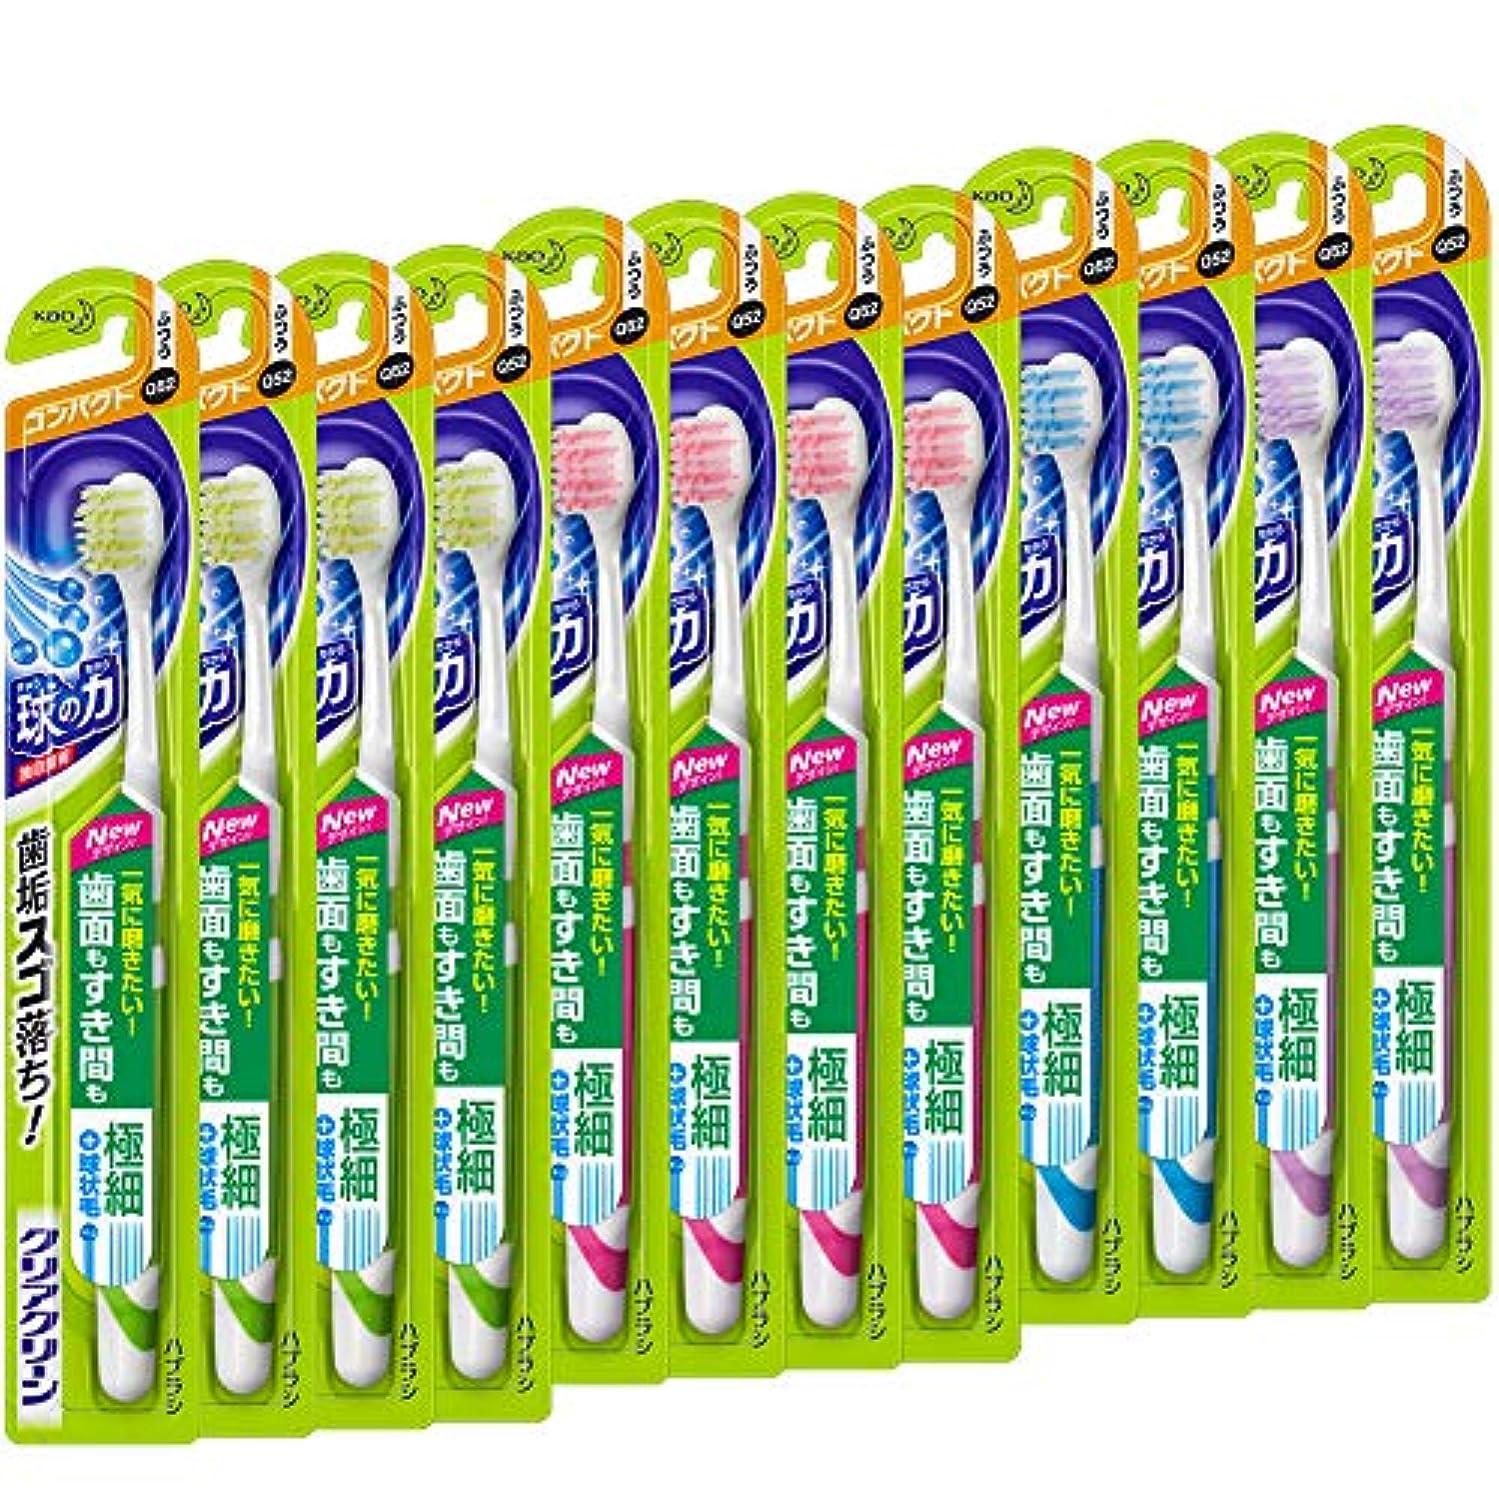 【まとめ買い】クリアクリーン 歯面&すき間プラス コンパクト ふつう 12本セット